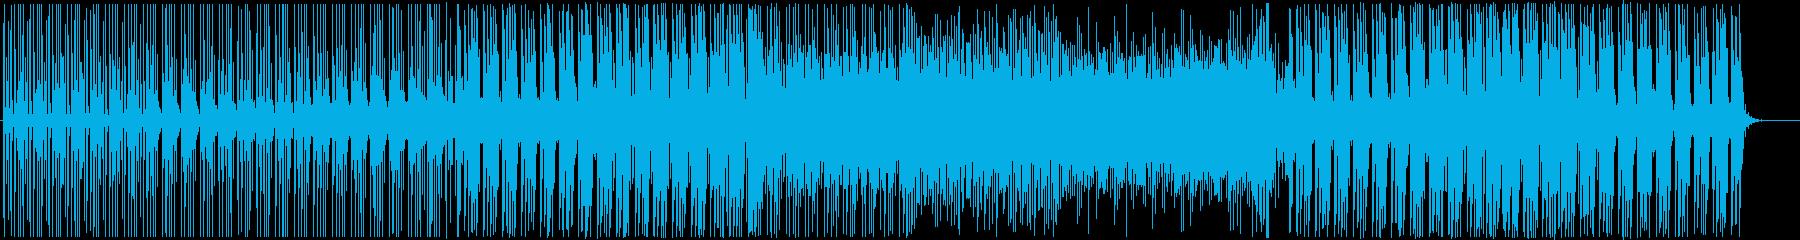 クール-EDM-ハウス-動画-PV-店舗の再生済みの波形